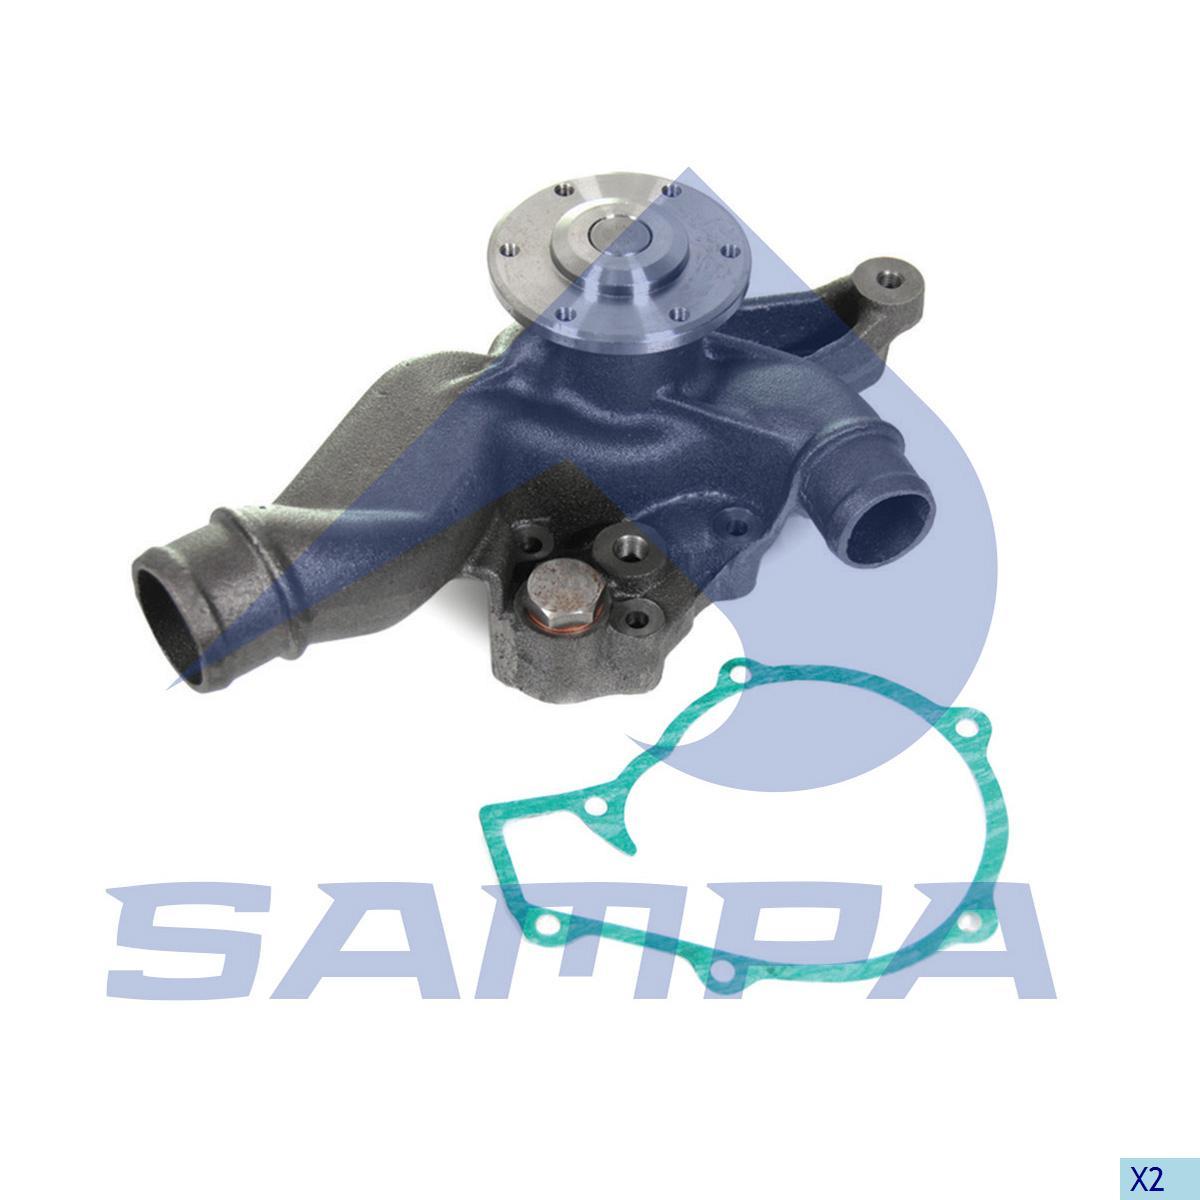 Water Pump, Man, Engine